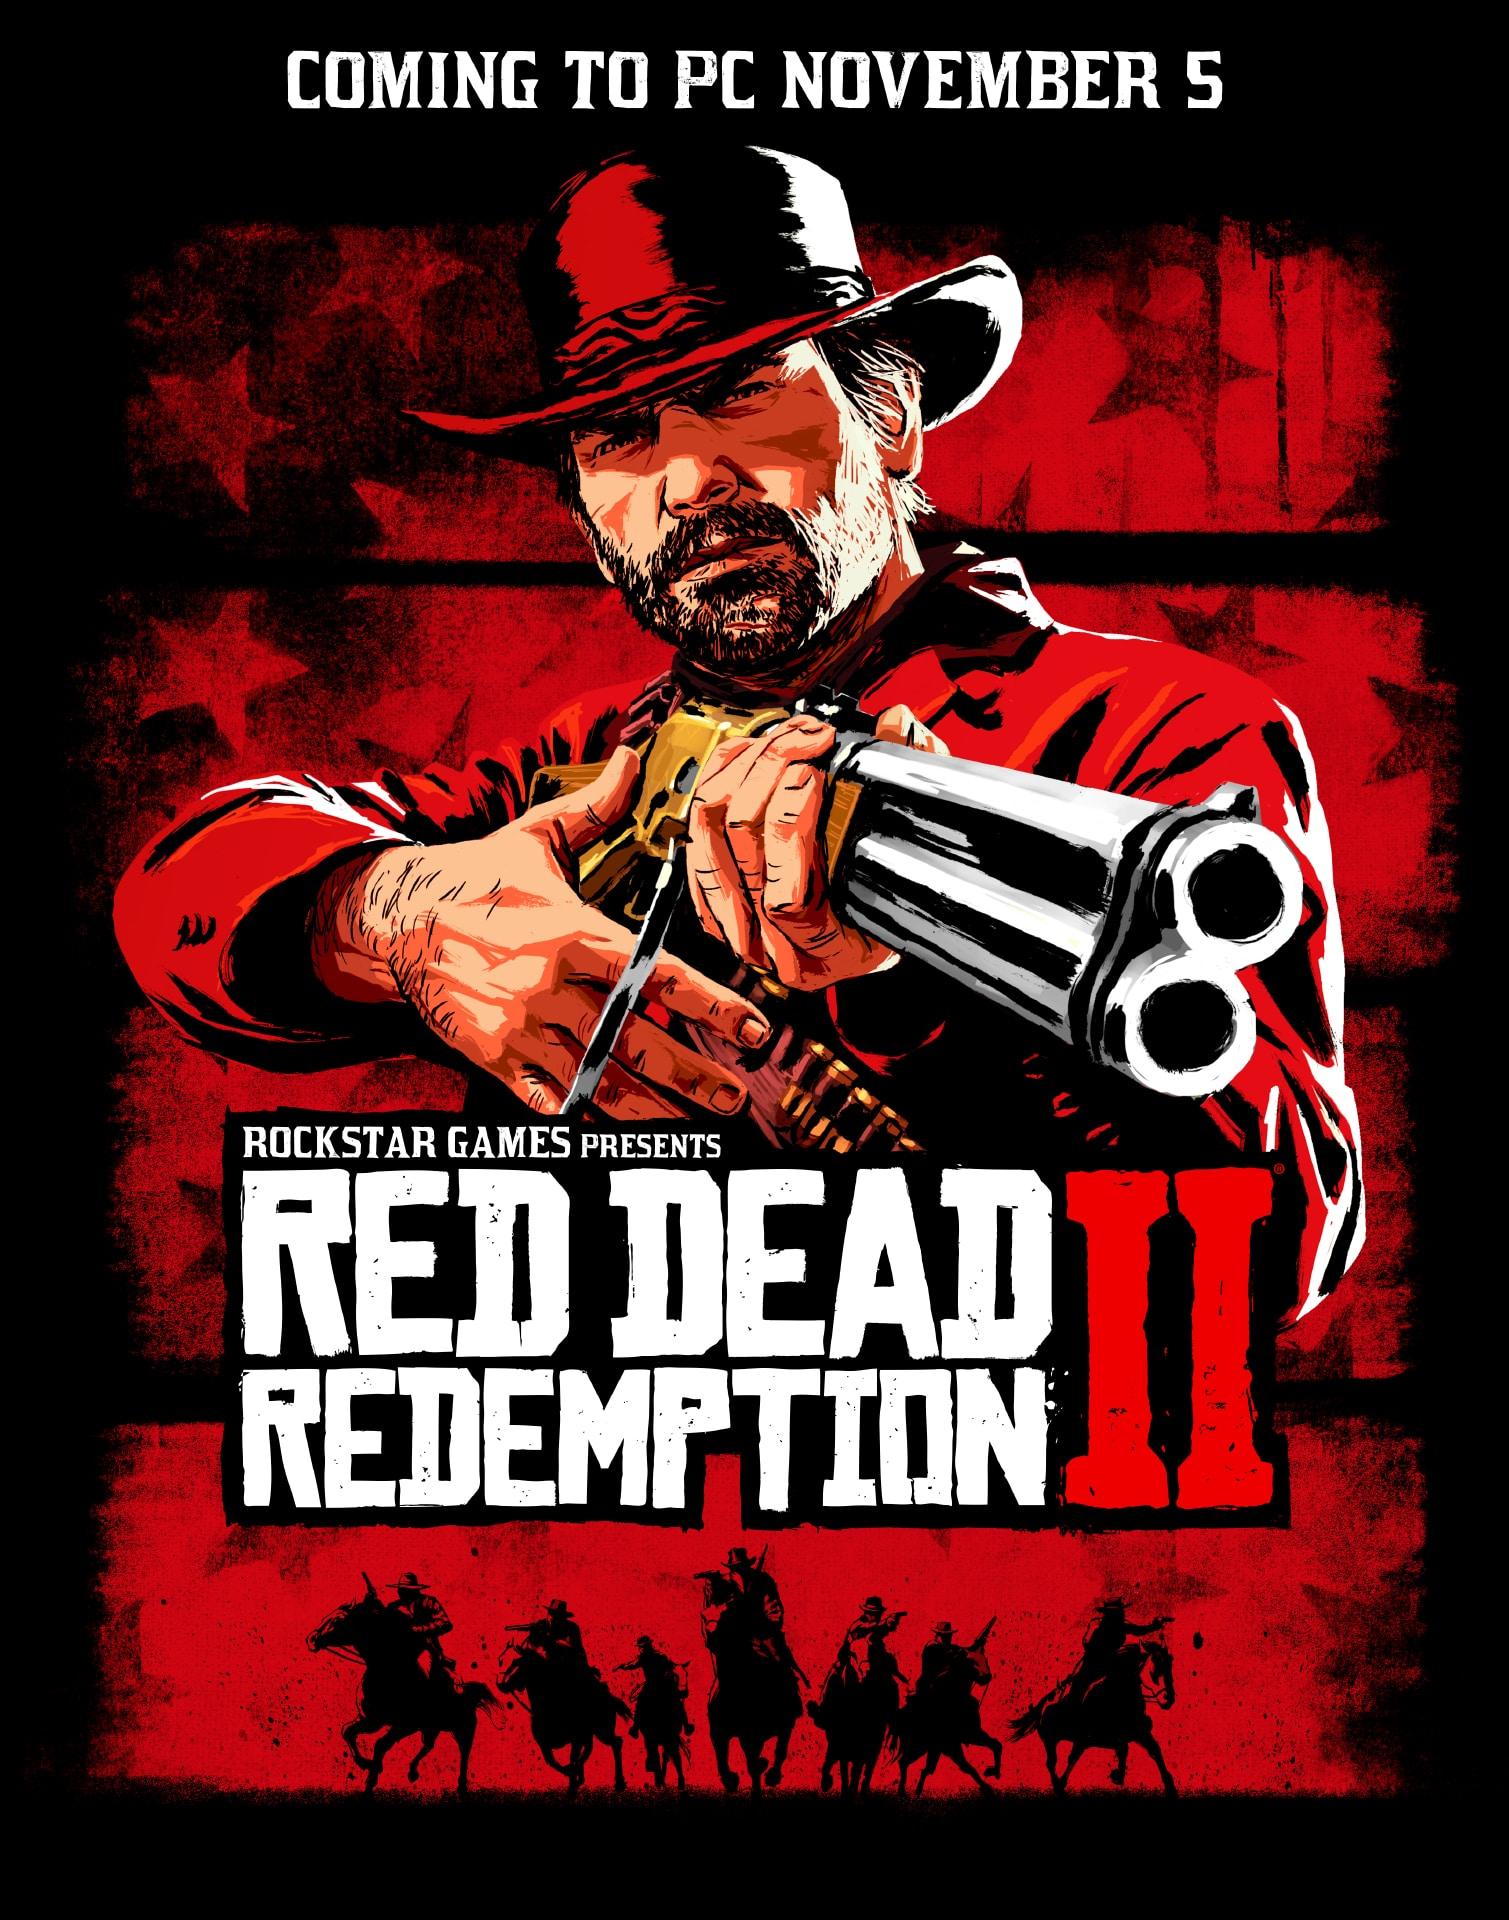 فوری: Red Dead Redemption 2 سرانجام از سوی Rockstar برای پلتفرم PC تایید شد